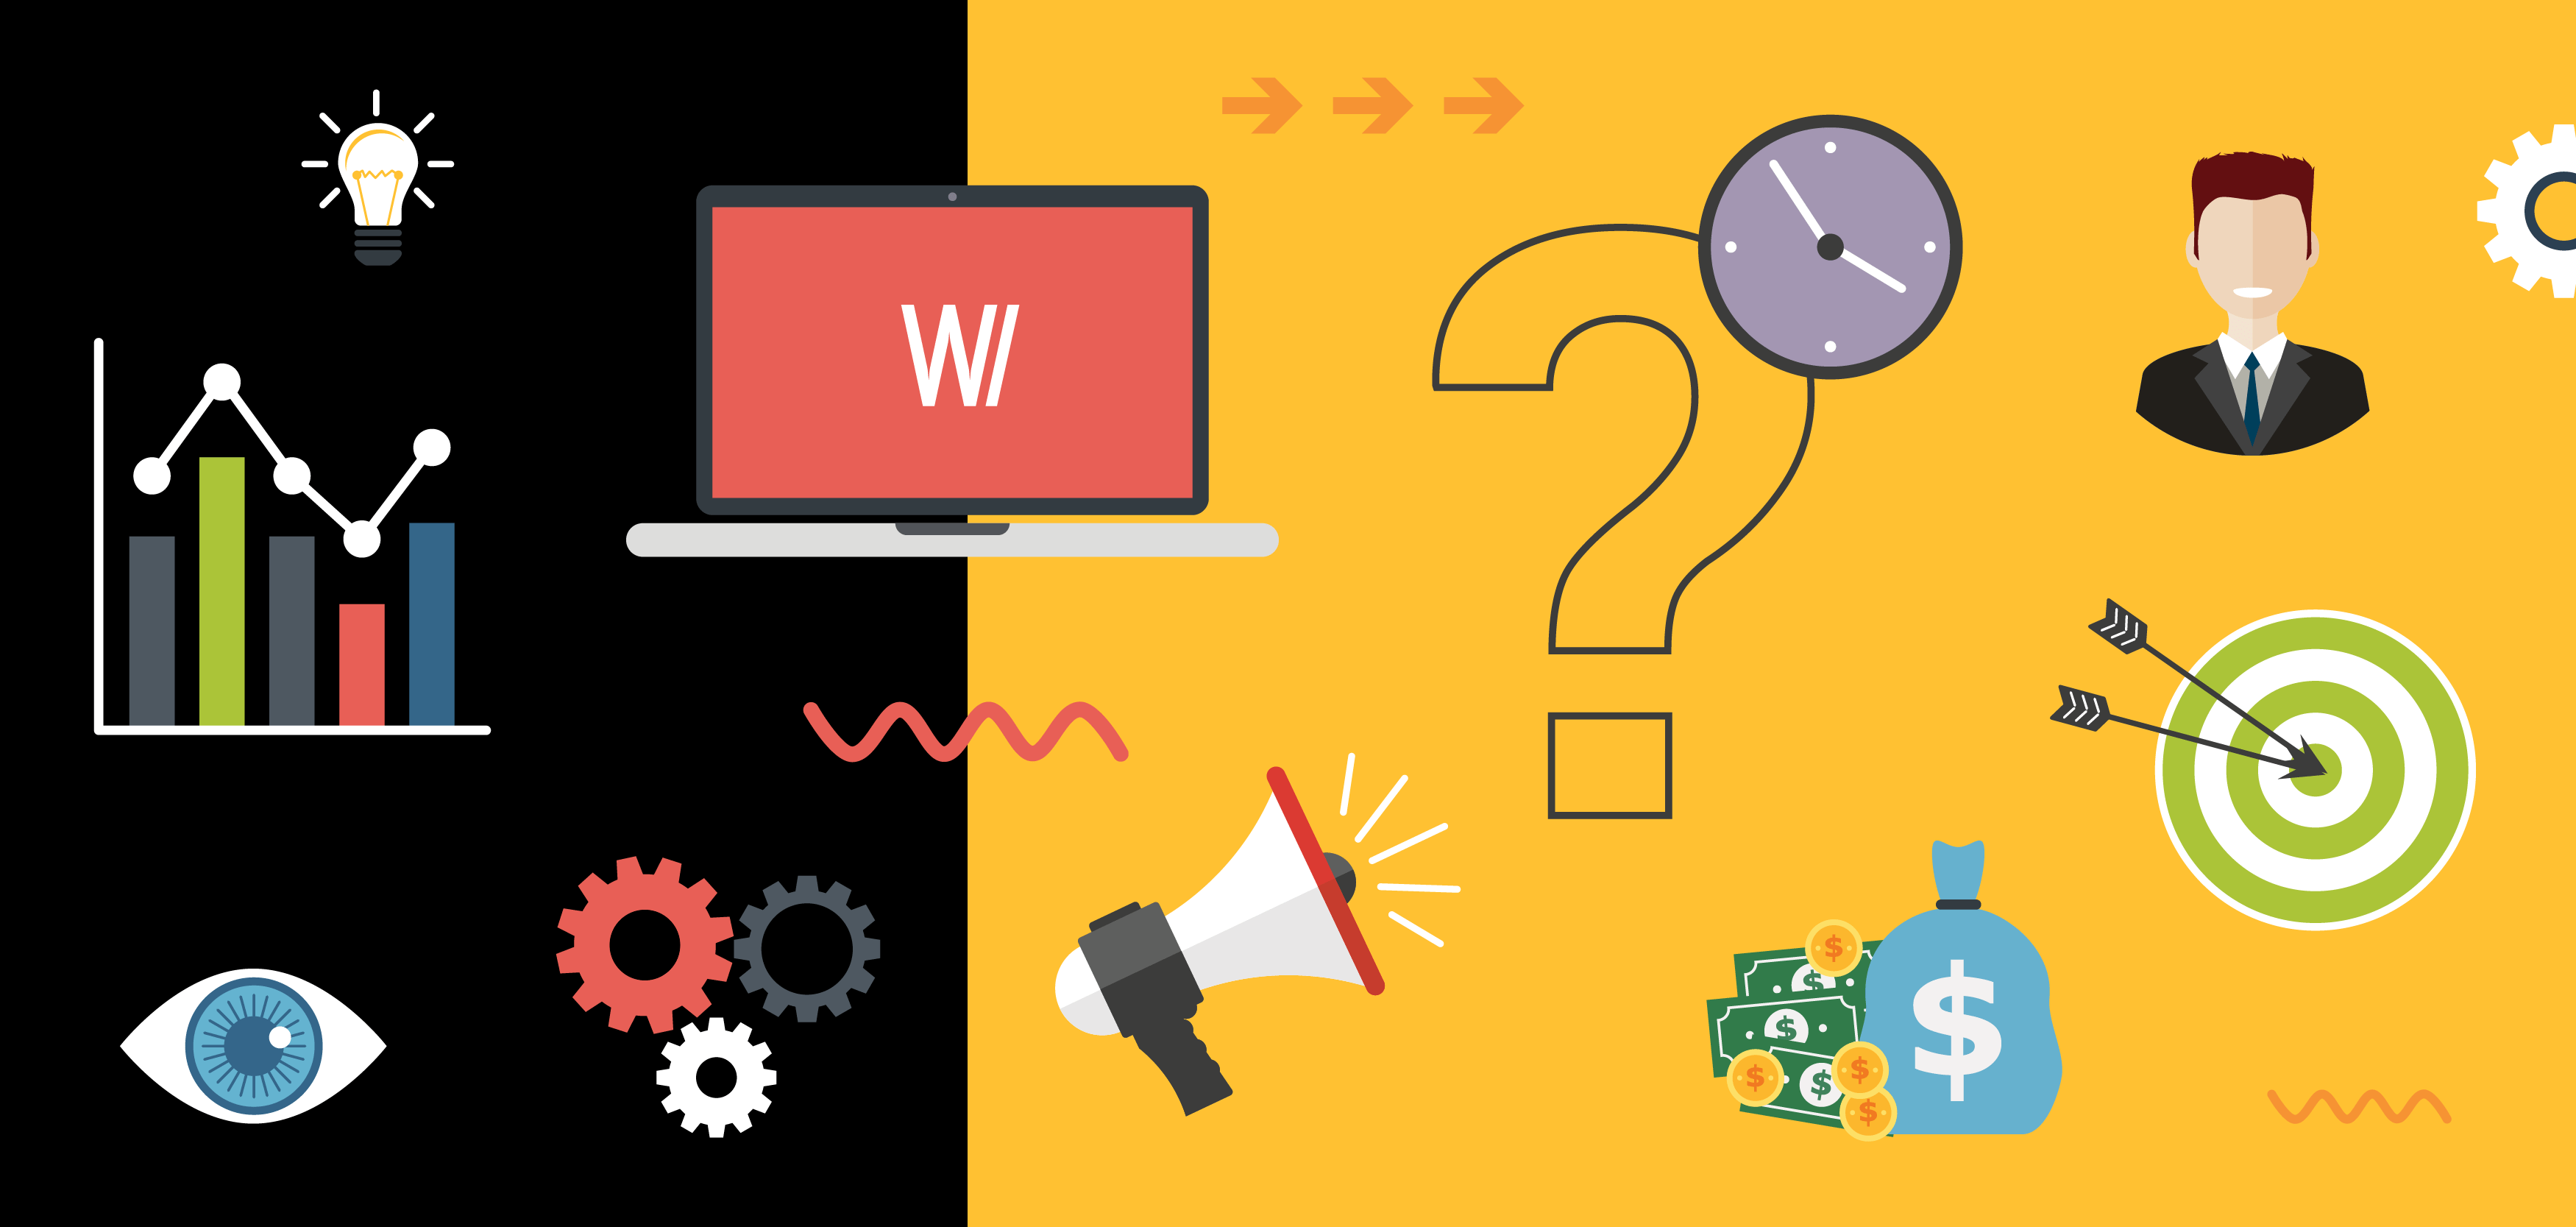 Veja o que você não sabe sobre plataformas digitais que poderia ajudar a sua empresa a ganhar dinheiro!